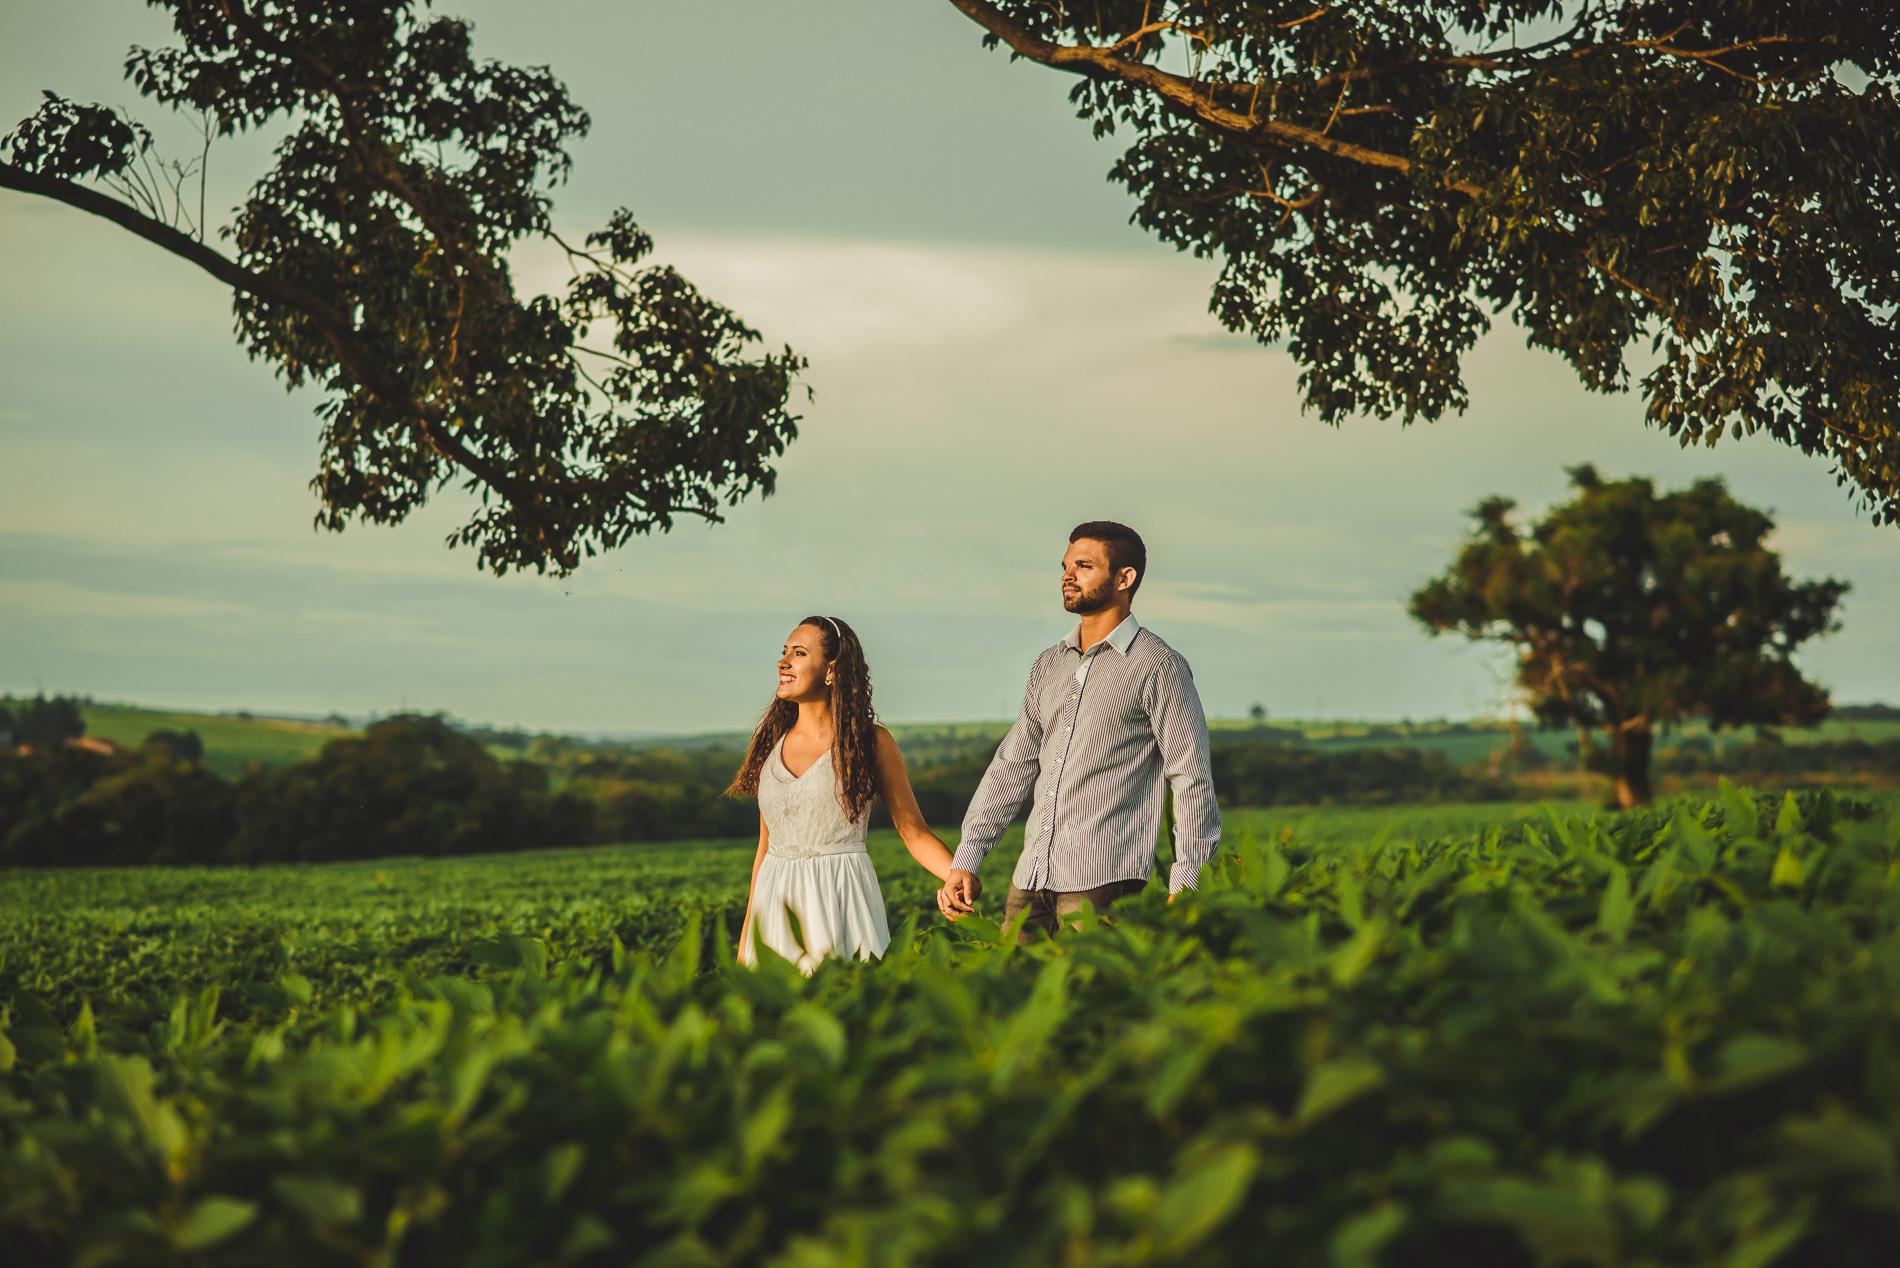 fotografia de casamento prudente